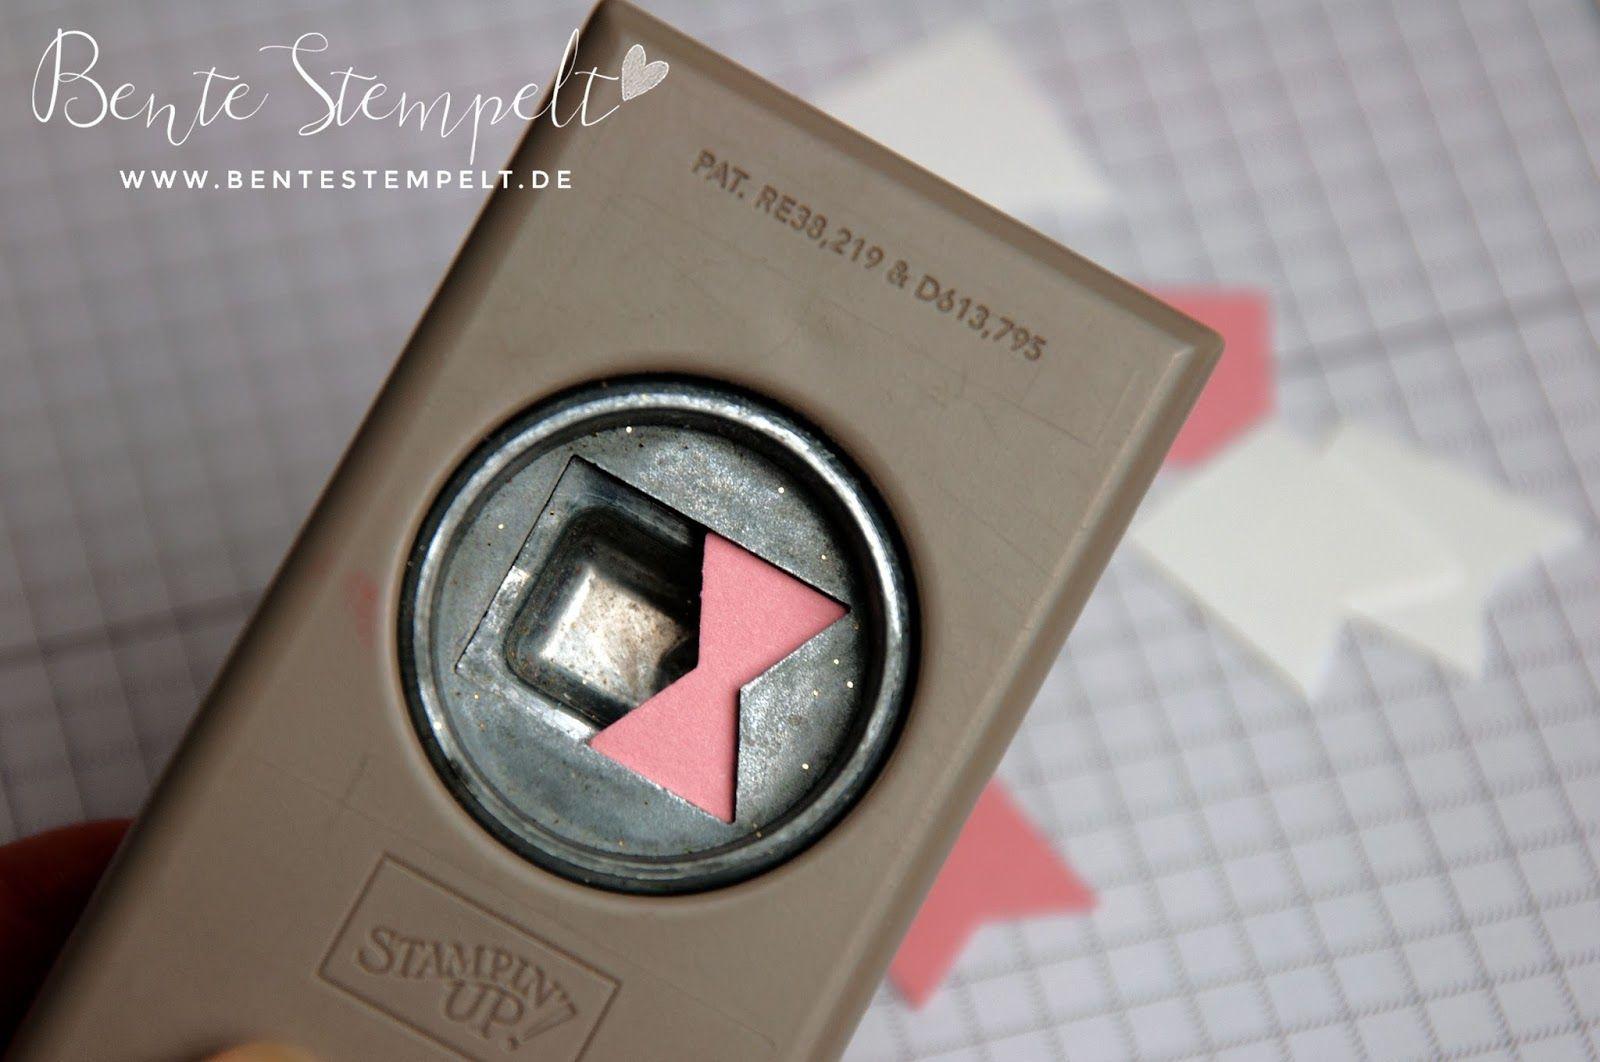 Stampin' Up! Ideen, Anleitungen und Produkte > Bente Stempelt